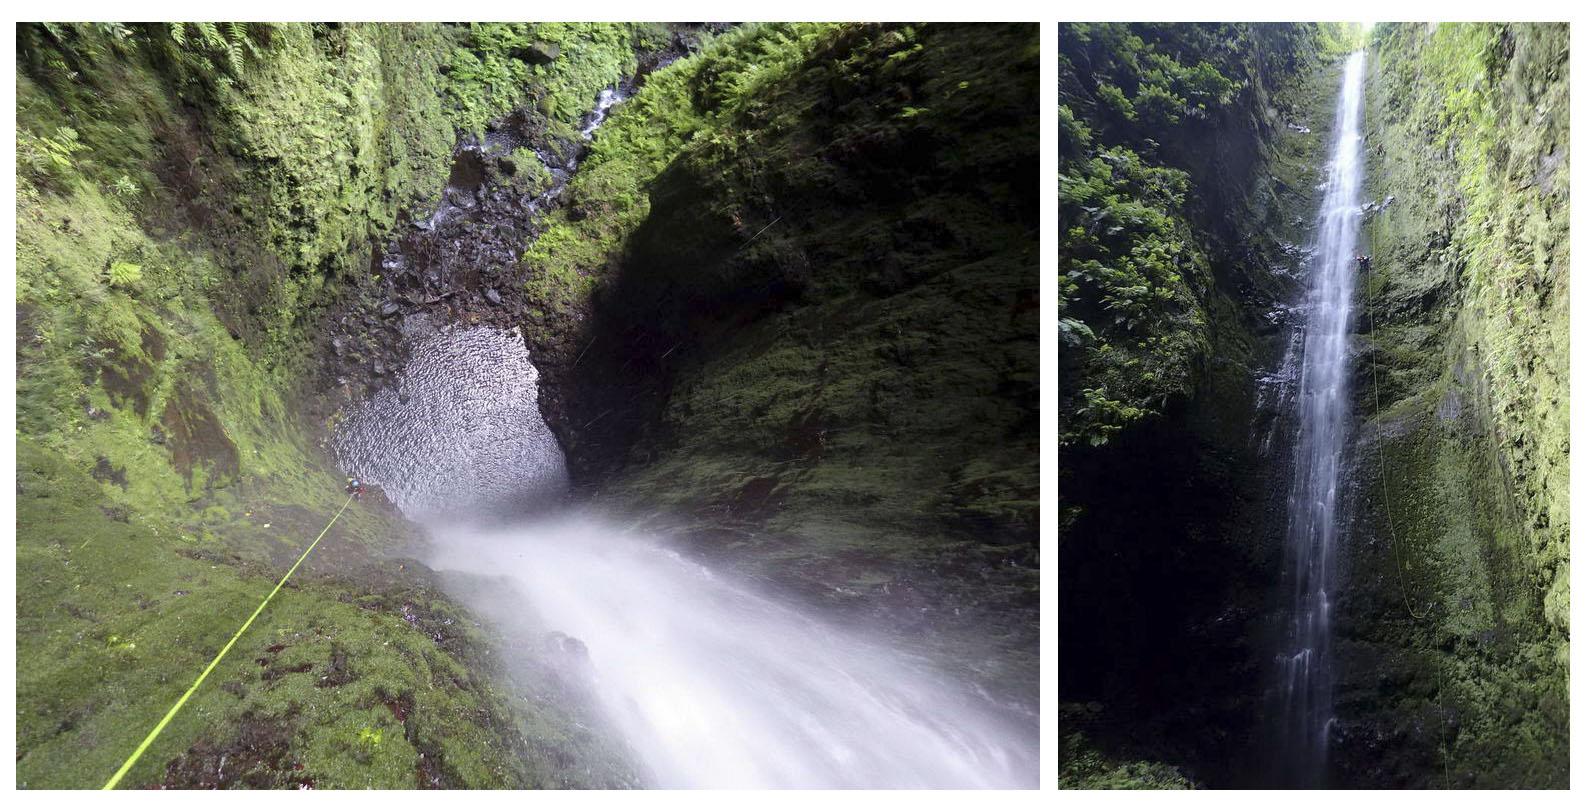 Apertura de la cascada de 111m del barranco Capulla | Madeira (PT) | © Duarte Silva